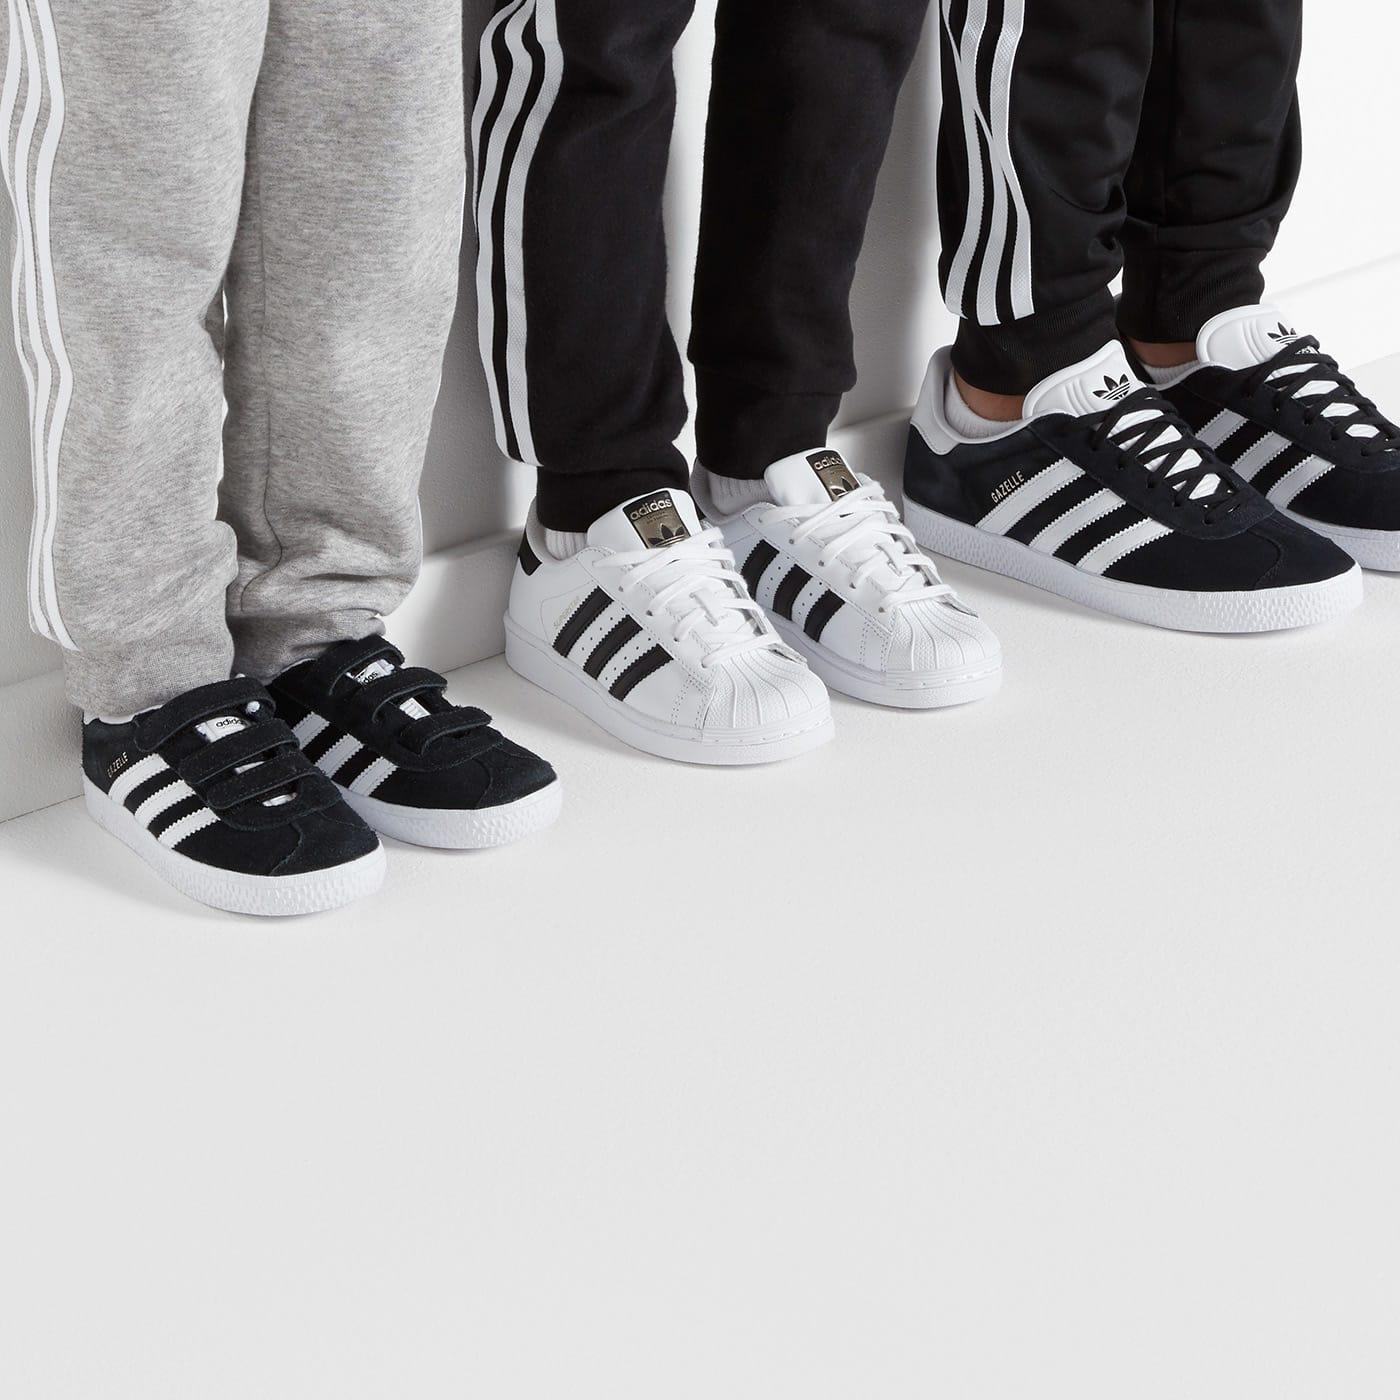 premium selection b9bfa 3a641 Buty dziecięce  Oficjalny sklep adidas